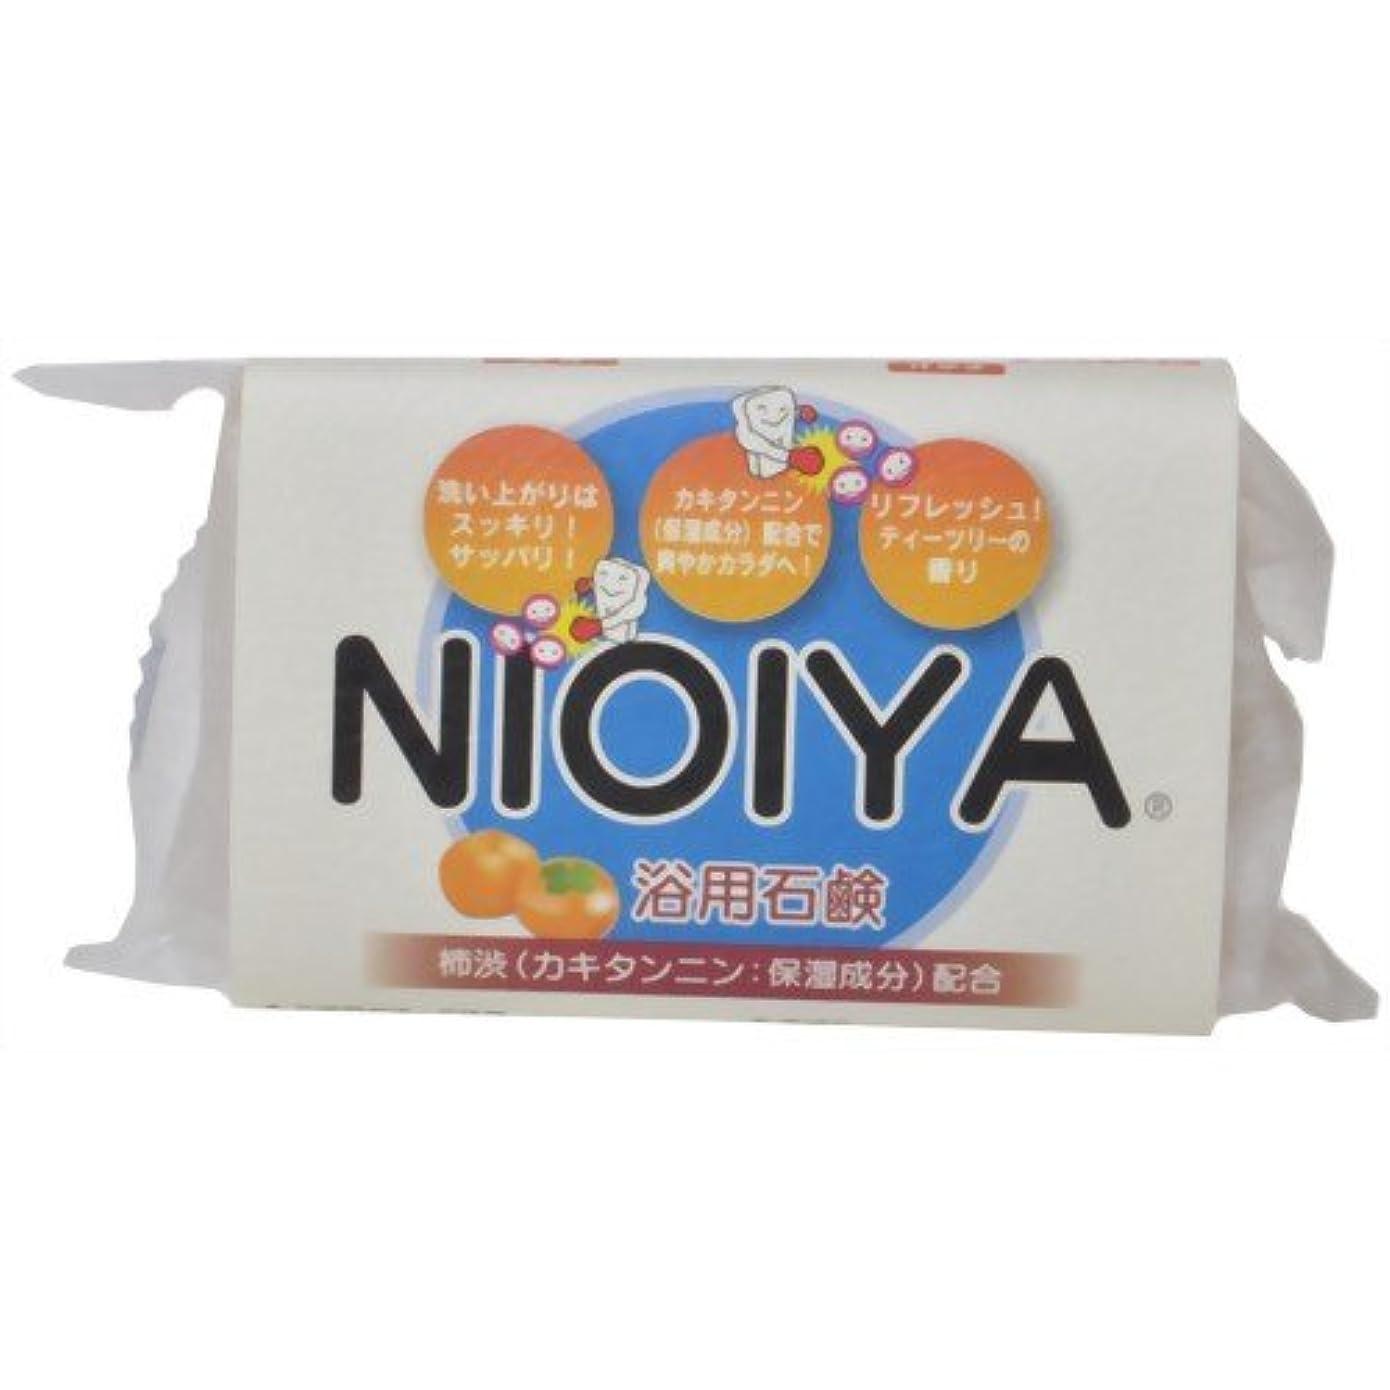 シェトランド諸島ハンバーガー冗長NIOIYA 浴用石鹸 120g